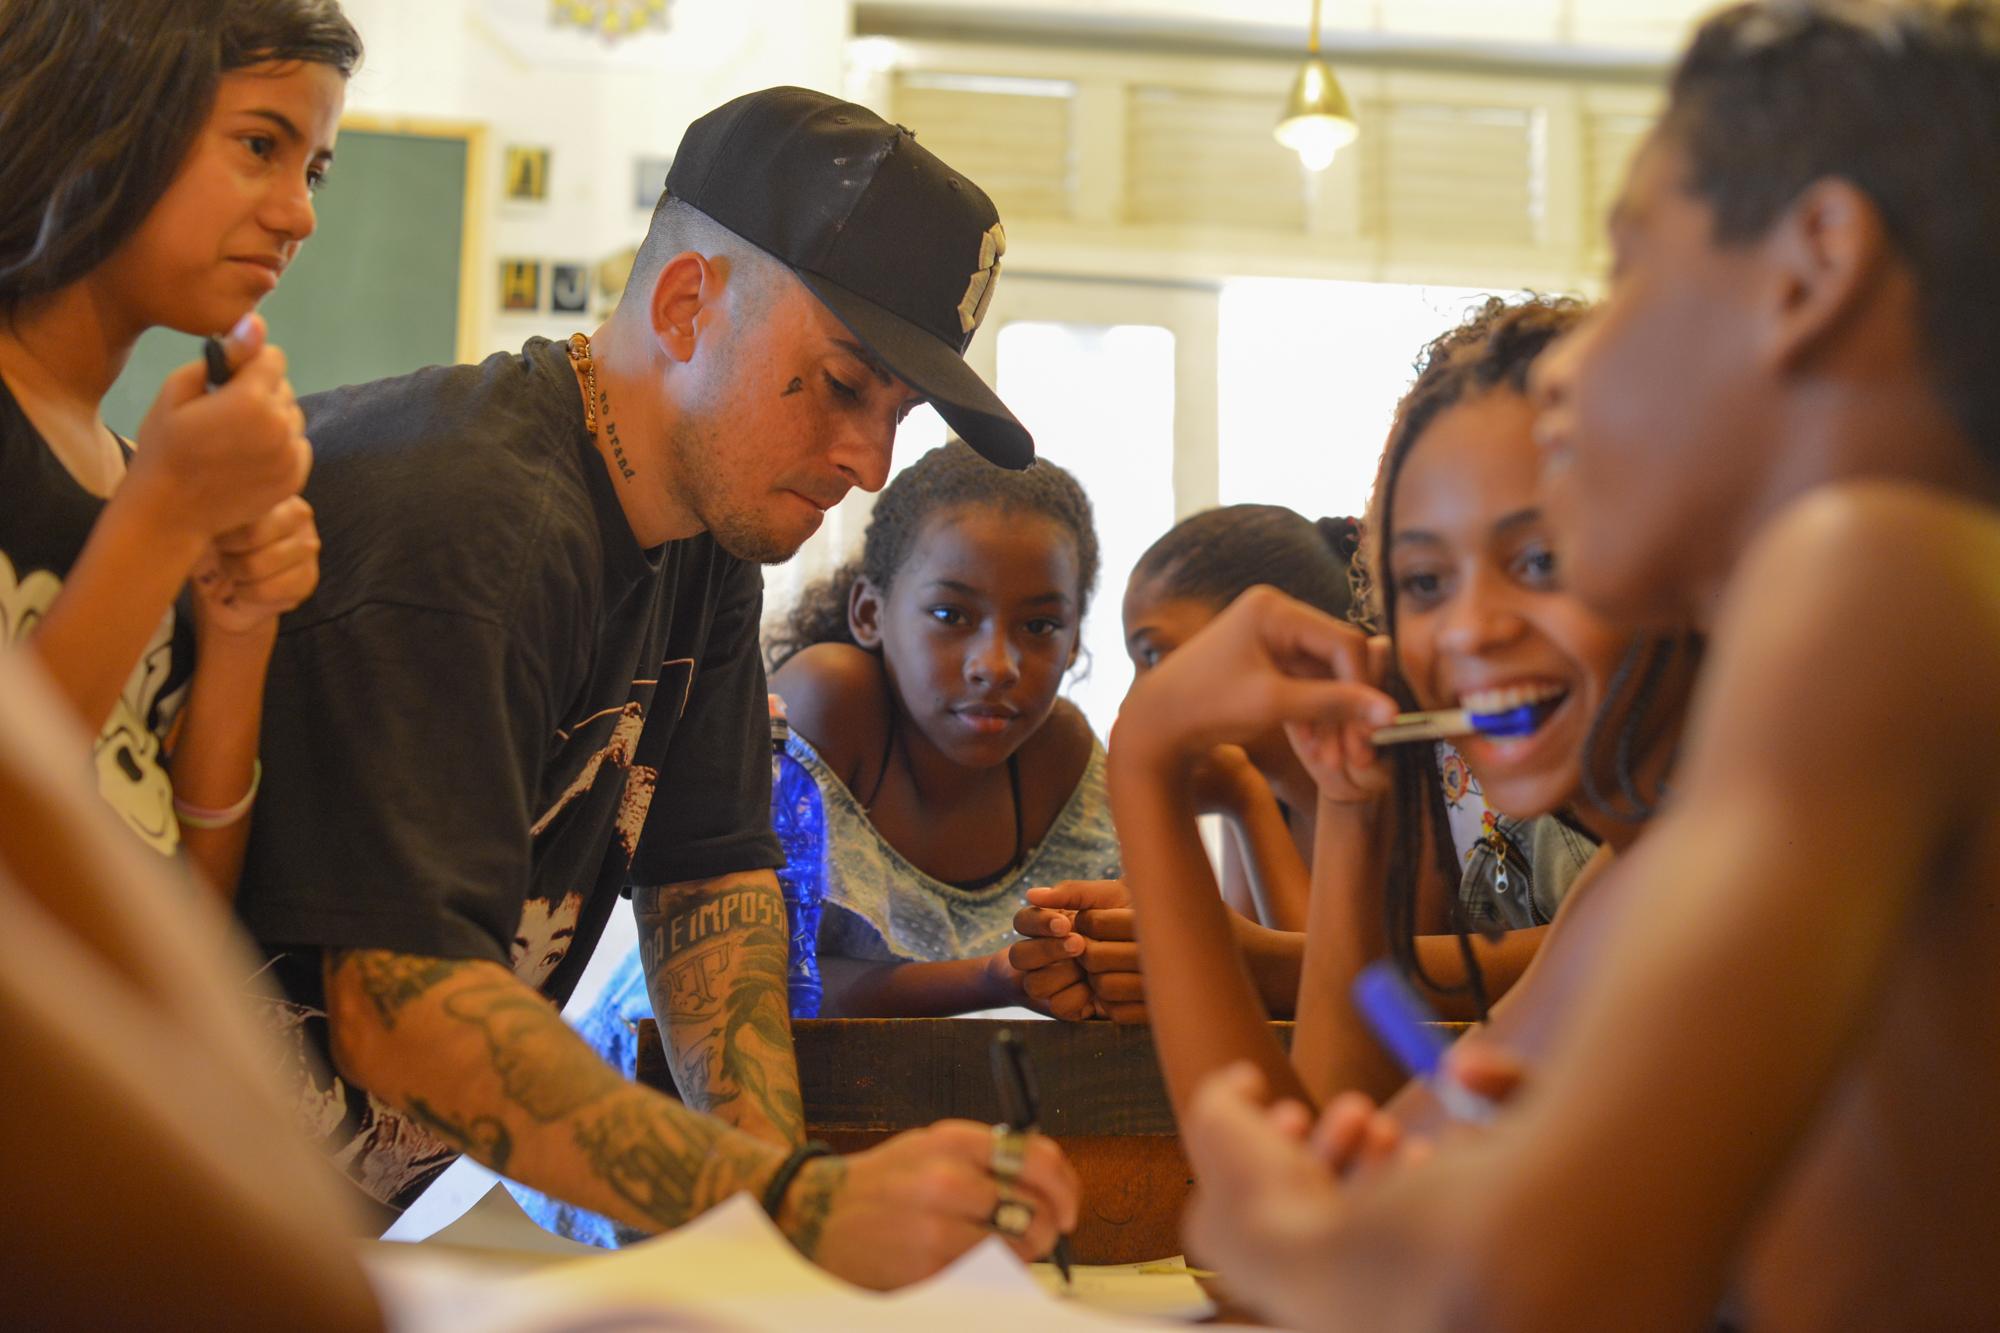 Daniel Shadow - Rap   Meu nome é Daniel Shadow, sou carioca, MC, produtor musical e trabalho há mais de 10 anos com Rap. Em 2007 fundei o Cartel MCs e produzi dois álbuns do grupo. Em 2010 fundei a gravadora independente Tudubom Records, produzi meu primeiro disco solo e dois álbuns do artista Filipe Ret. Na casa amarela, procuro passar pras crianças um pouco da minha experiência como MC e estimular a criatividade delas através de brincadeiras e jogos de palavras.